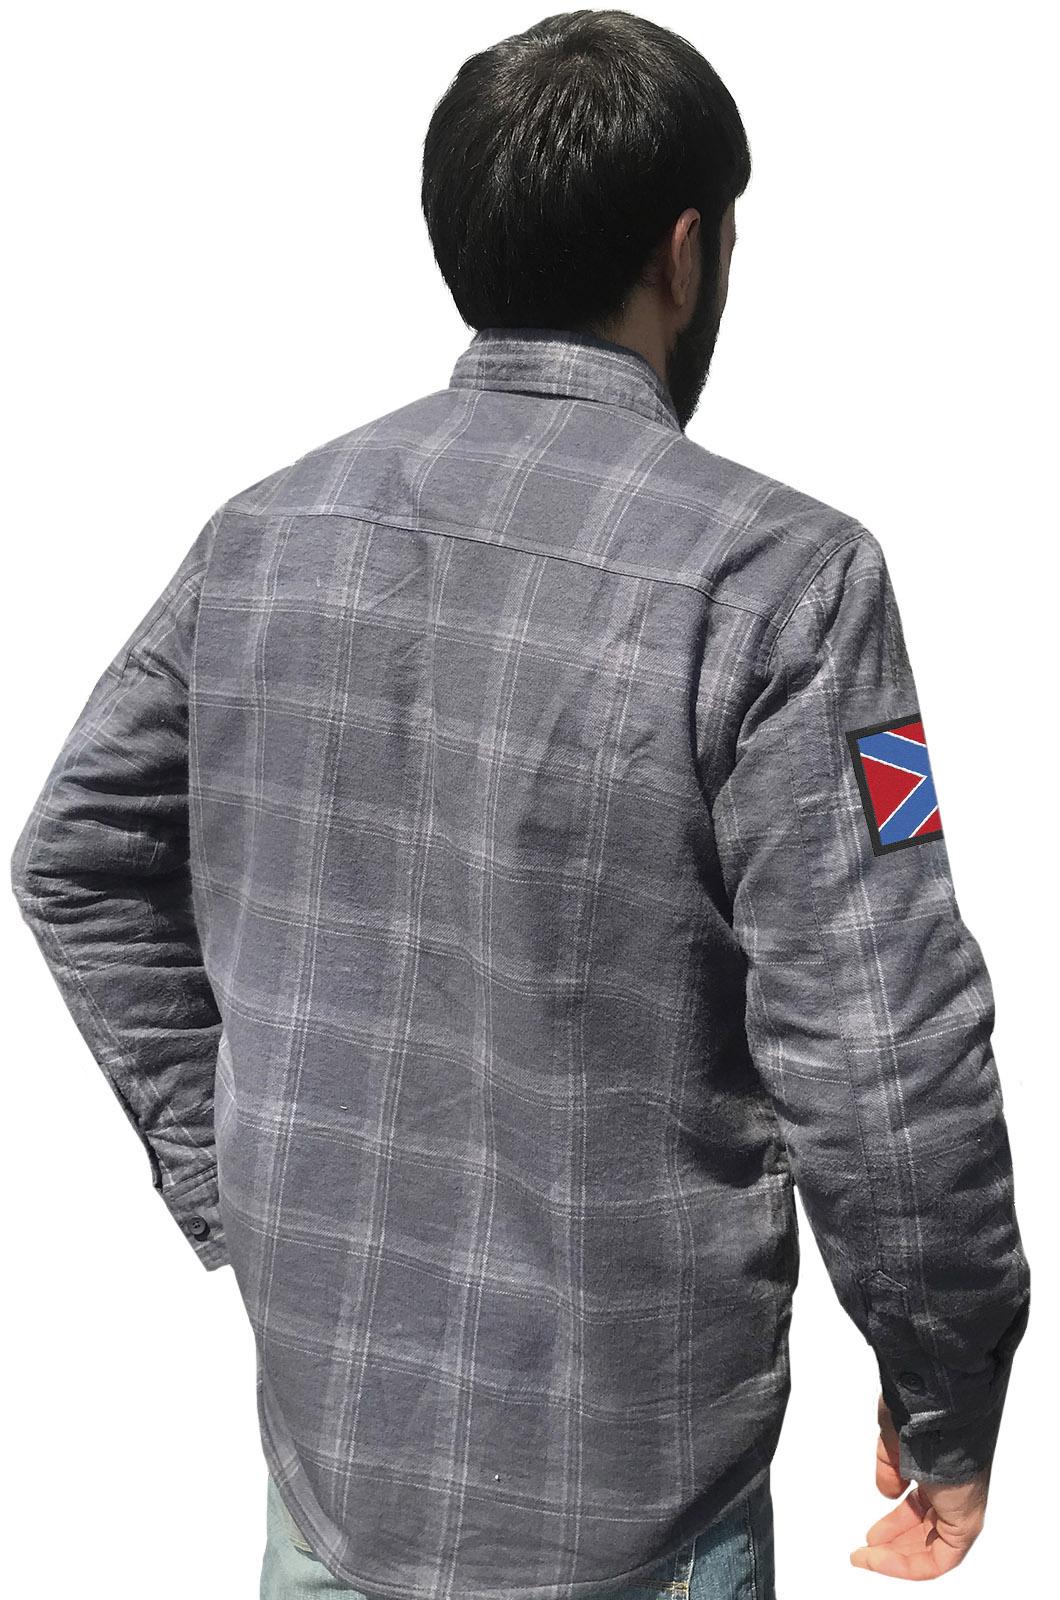 Купить стильную утепленную рубашку с вышитым флагом Новороссии оптом или в розницу